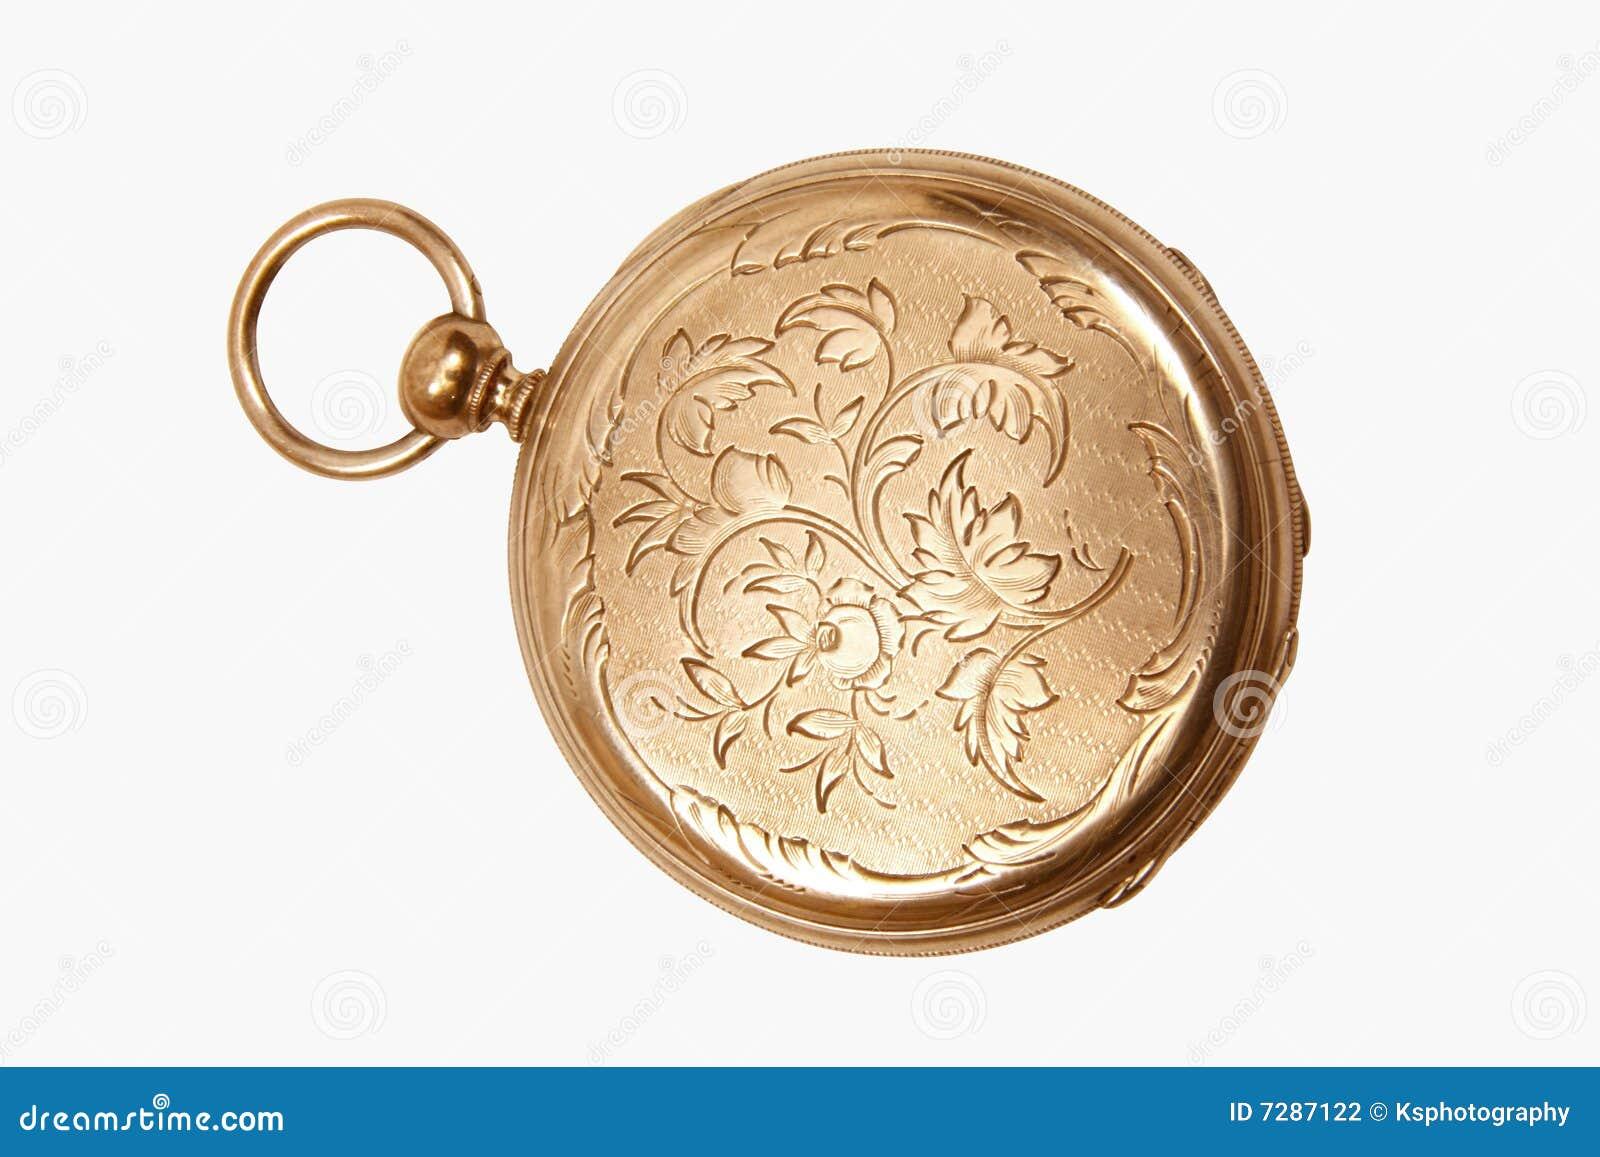 Reloj de bolsillo antiguo grabado